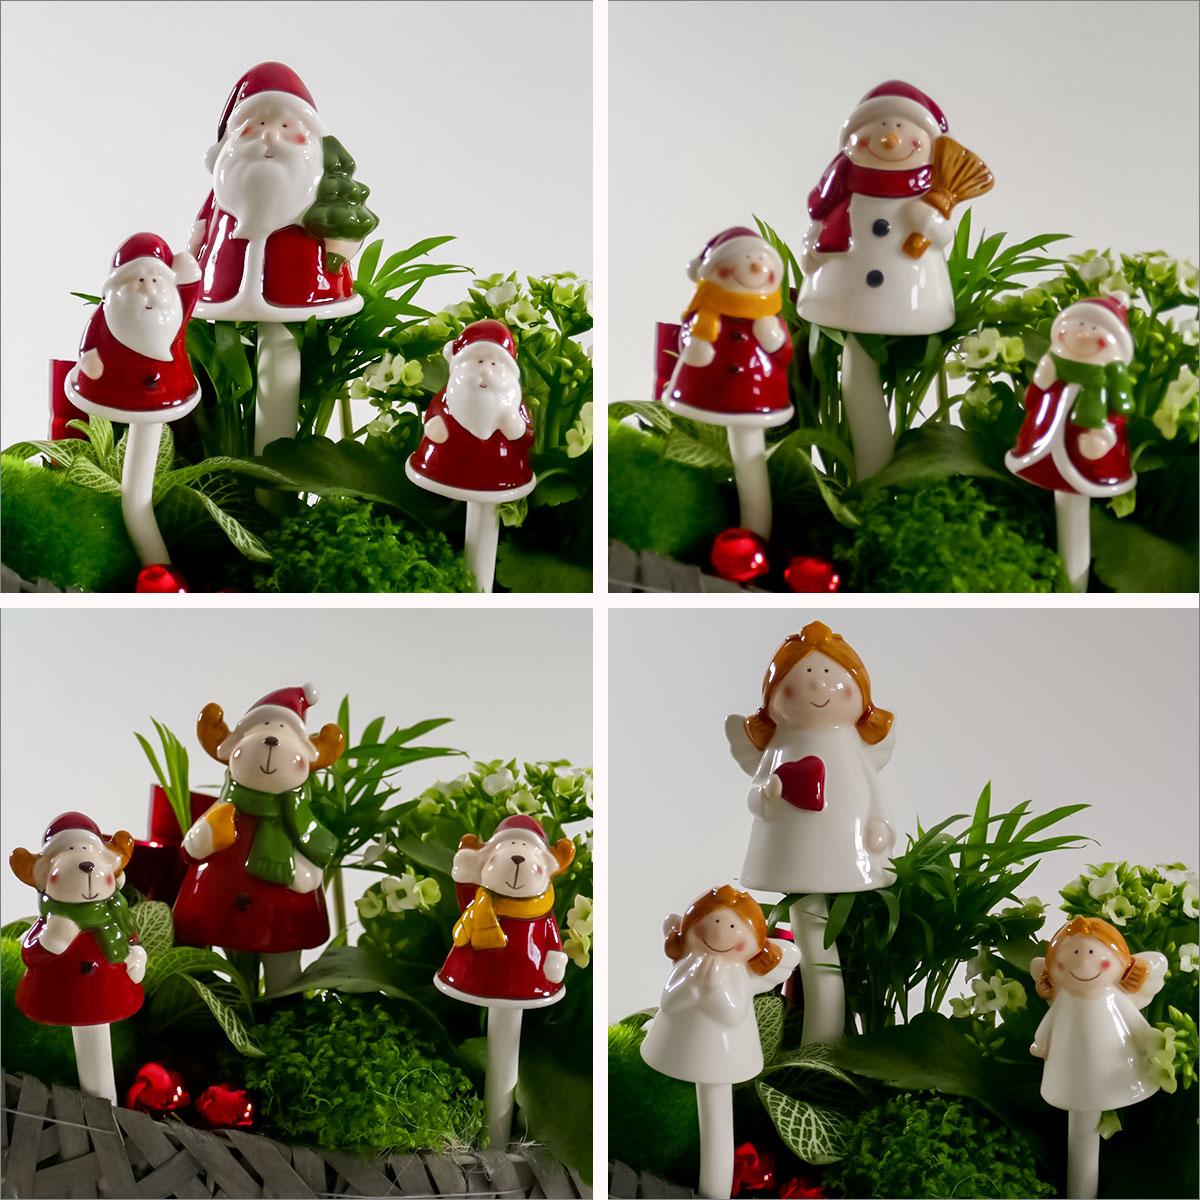 Weihnachtsdeko Klangstecker Image